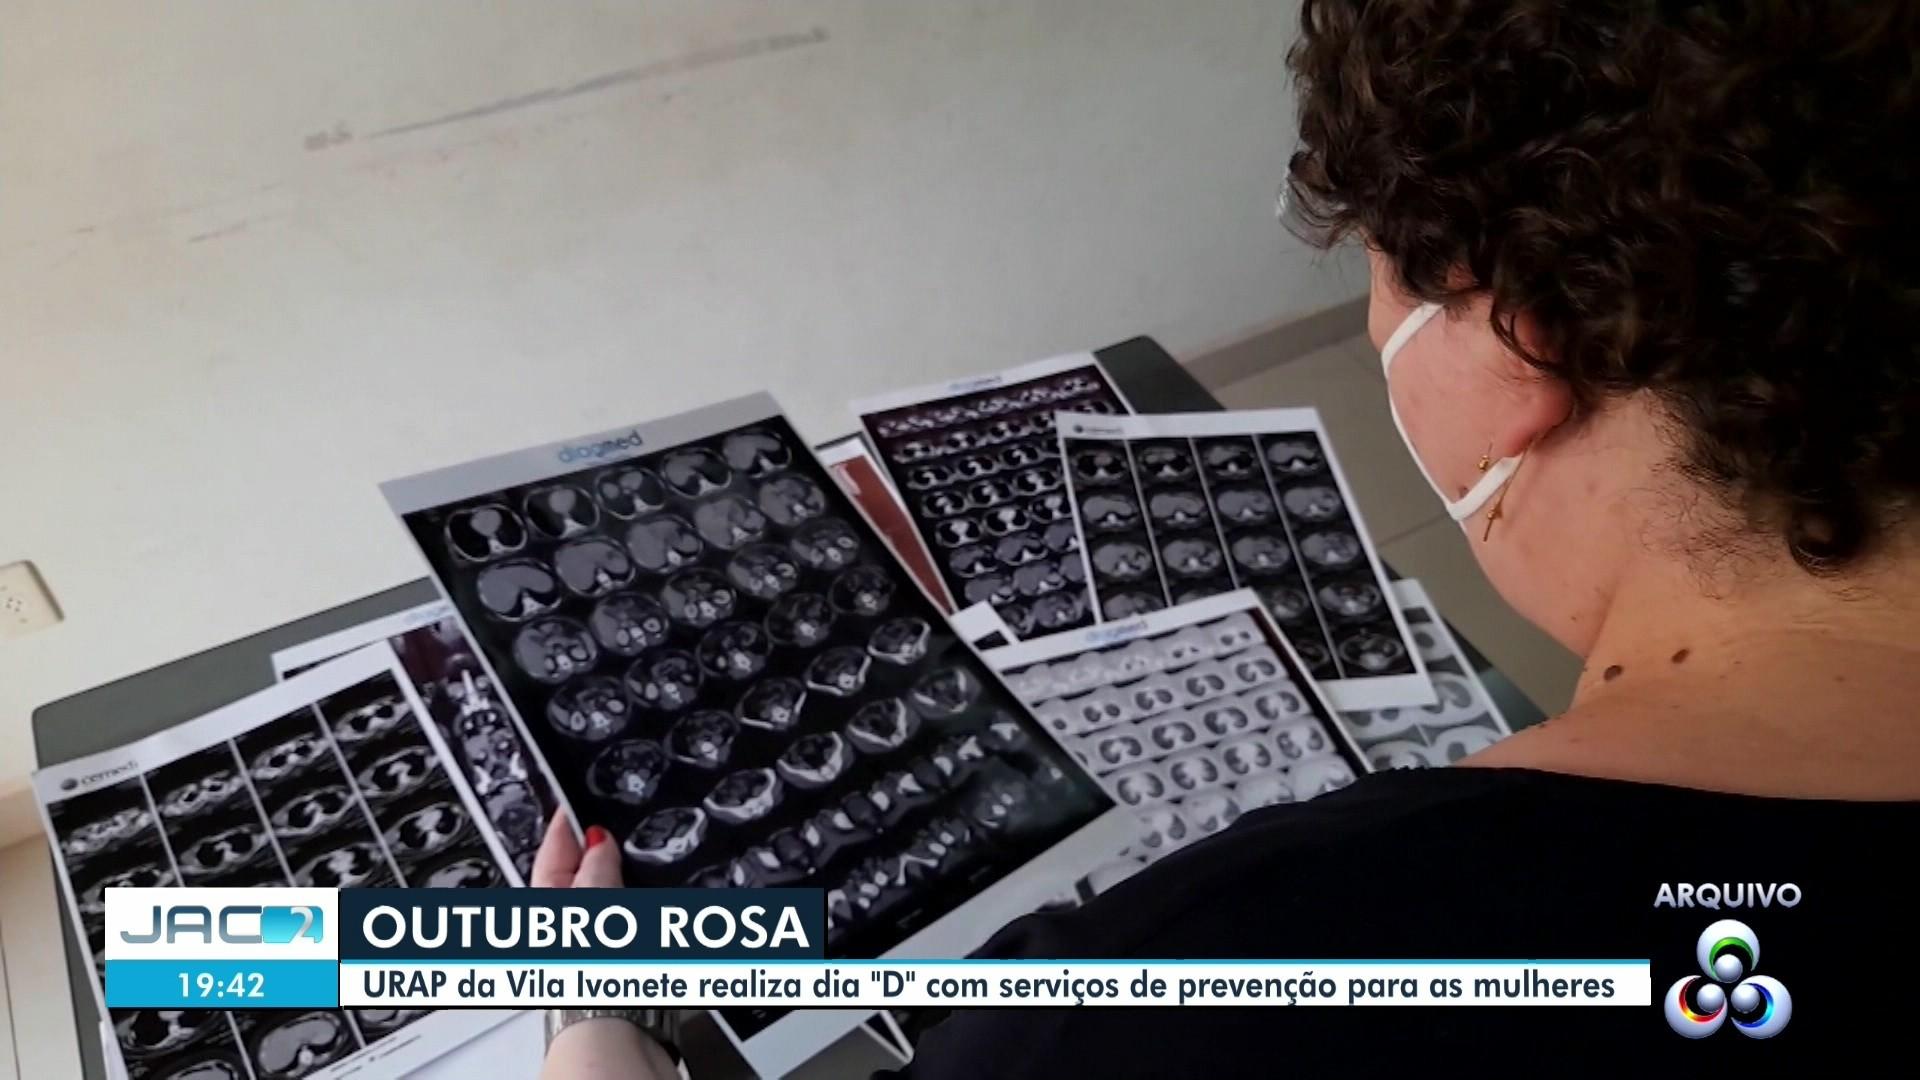 VÍDEOS: Jornal do Acre 2ª edição - AC de sexta-feira, 26 de outubro